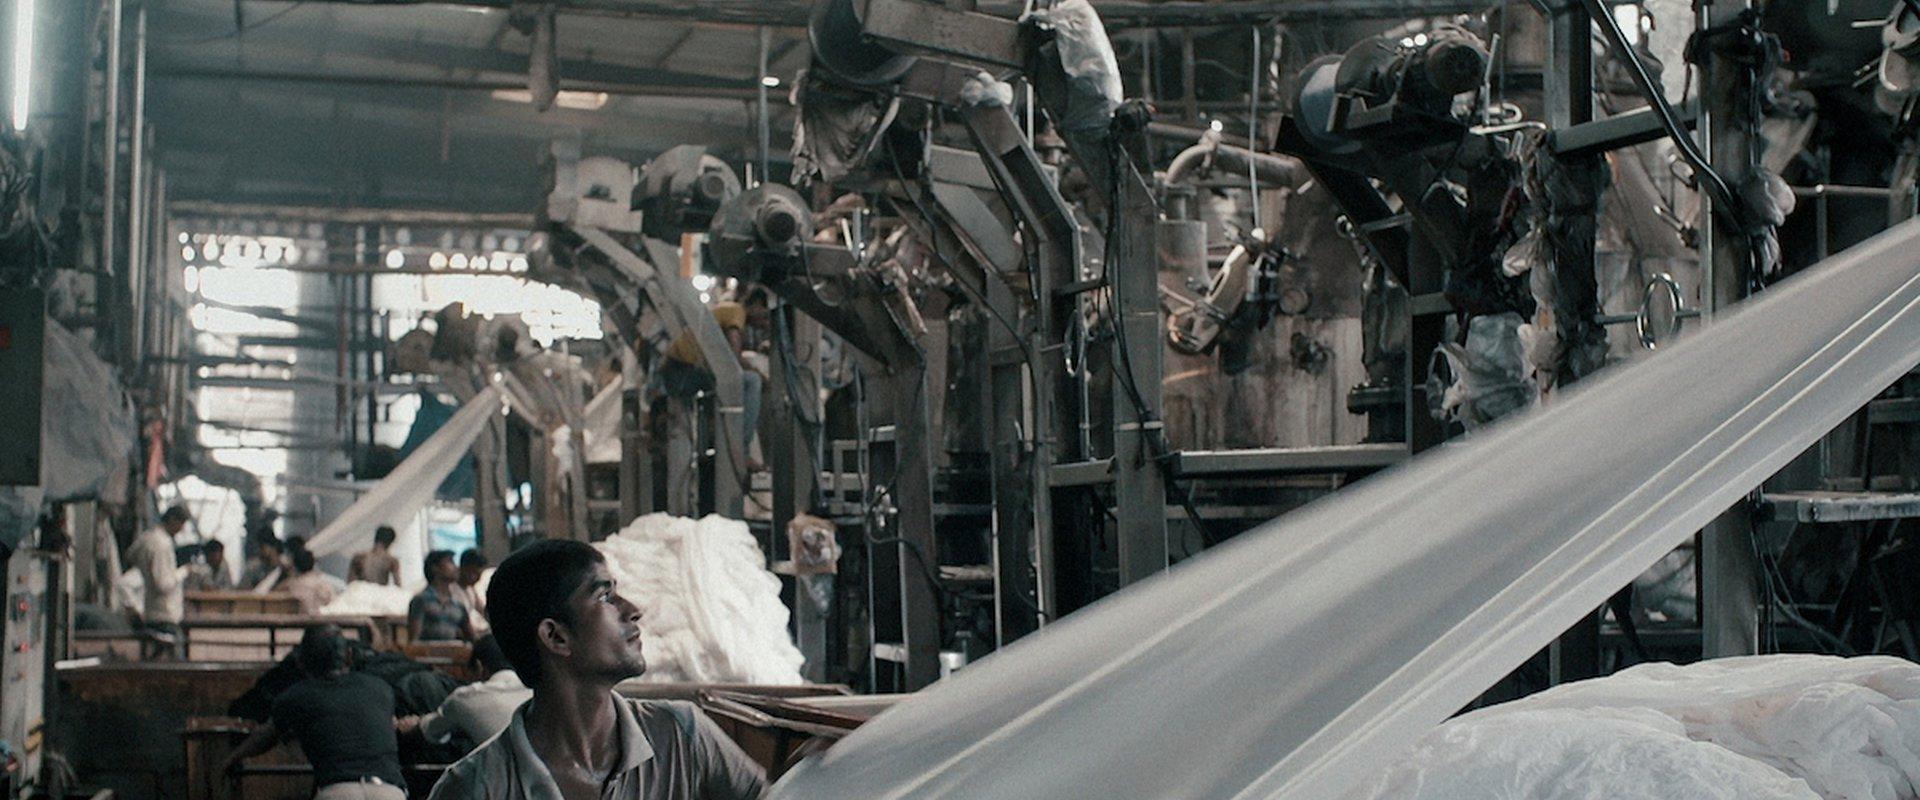 Machines (OmeU)